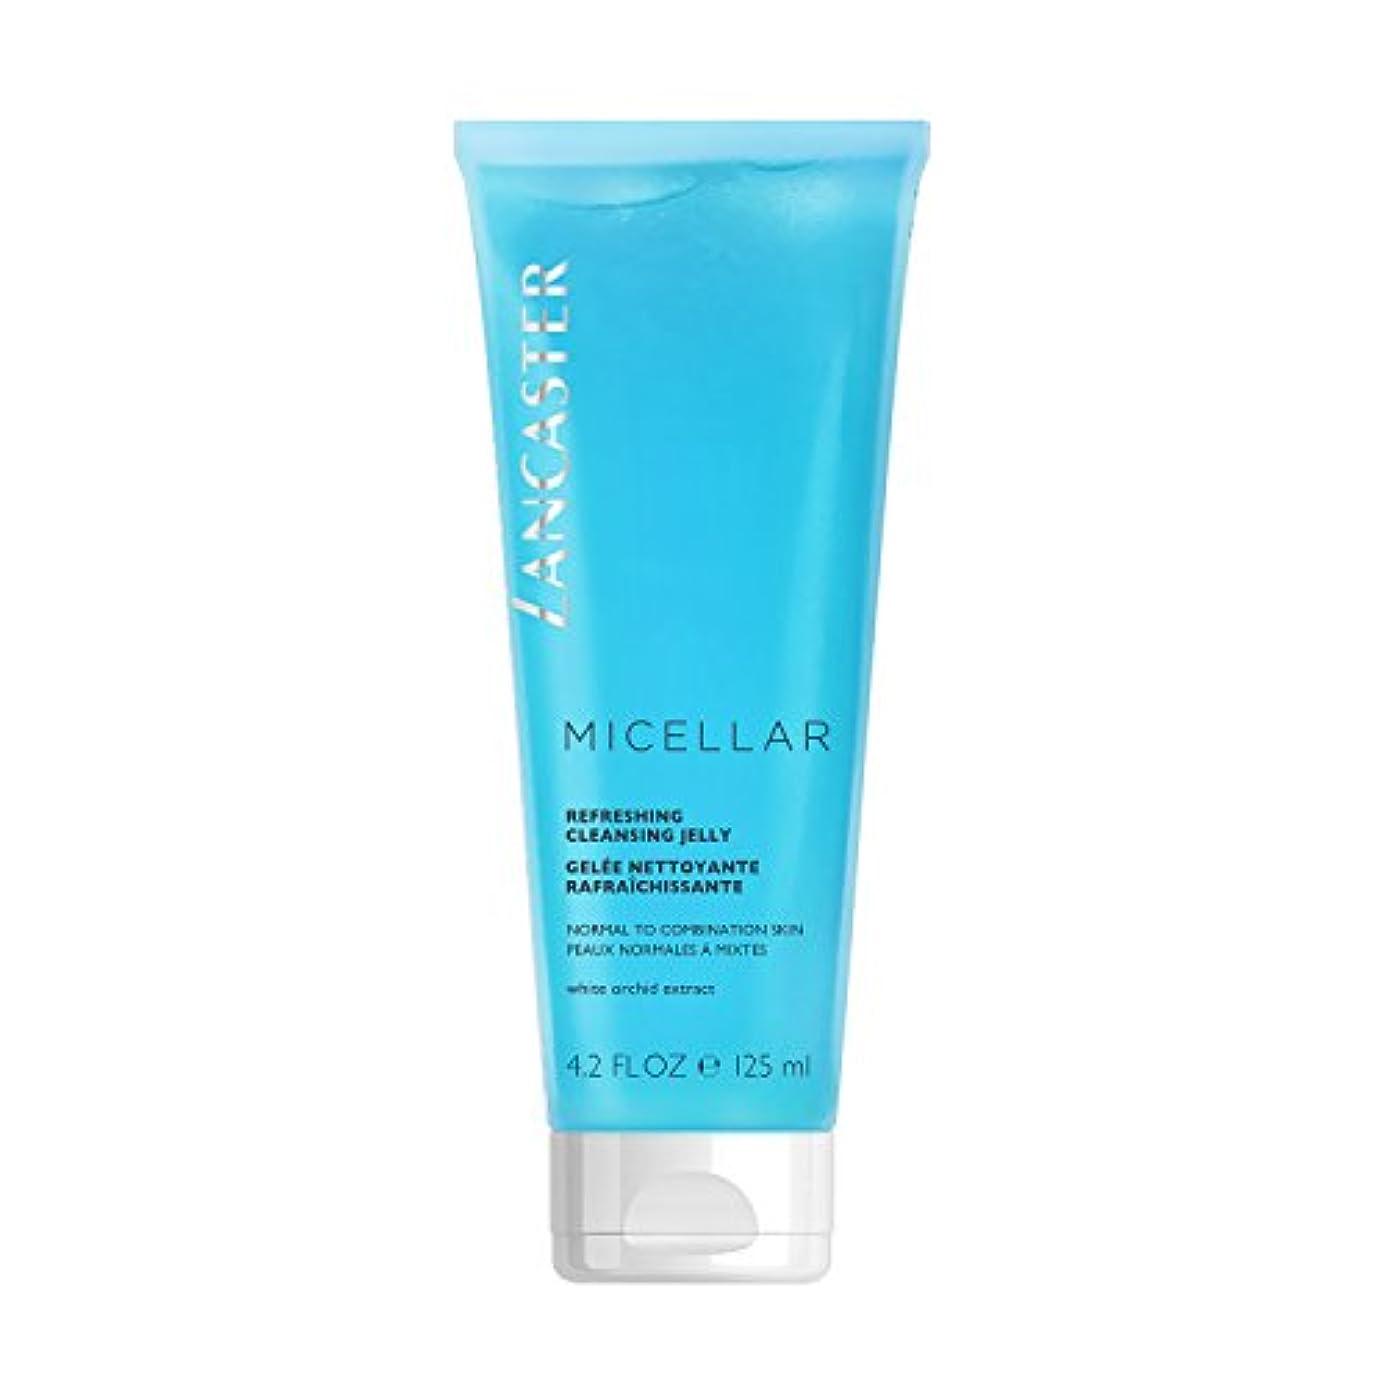 シンボルに話す大佐ランカスター Micellar Refreshing Cleansing Jelly - Normal to Combination Skin, Including Sensitive Skin 125ml/4.2oz並行輸入品